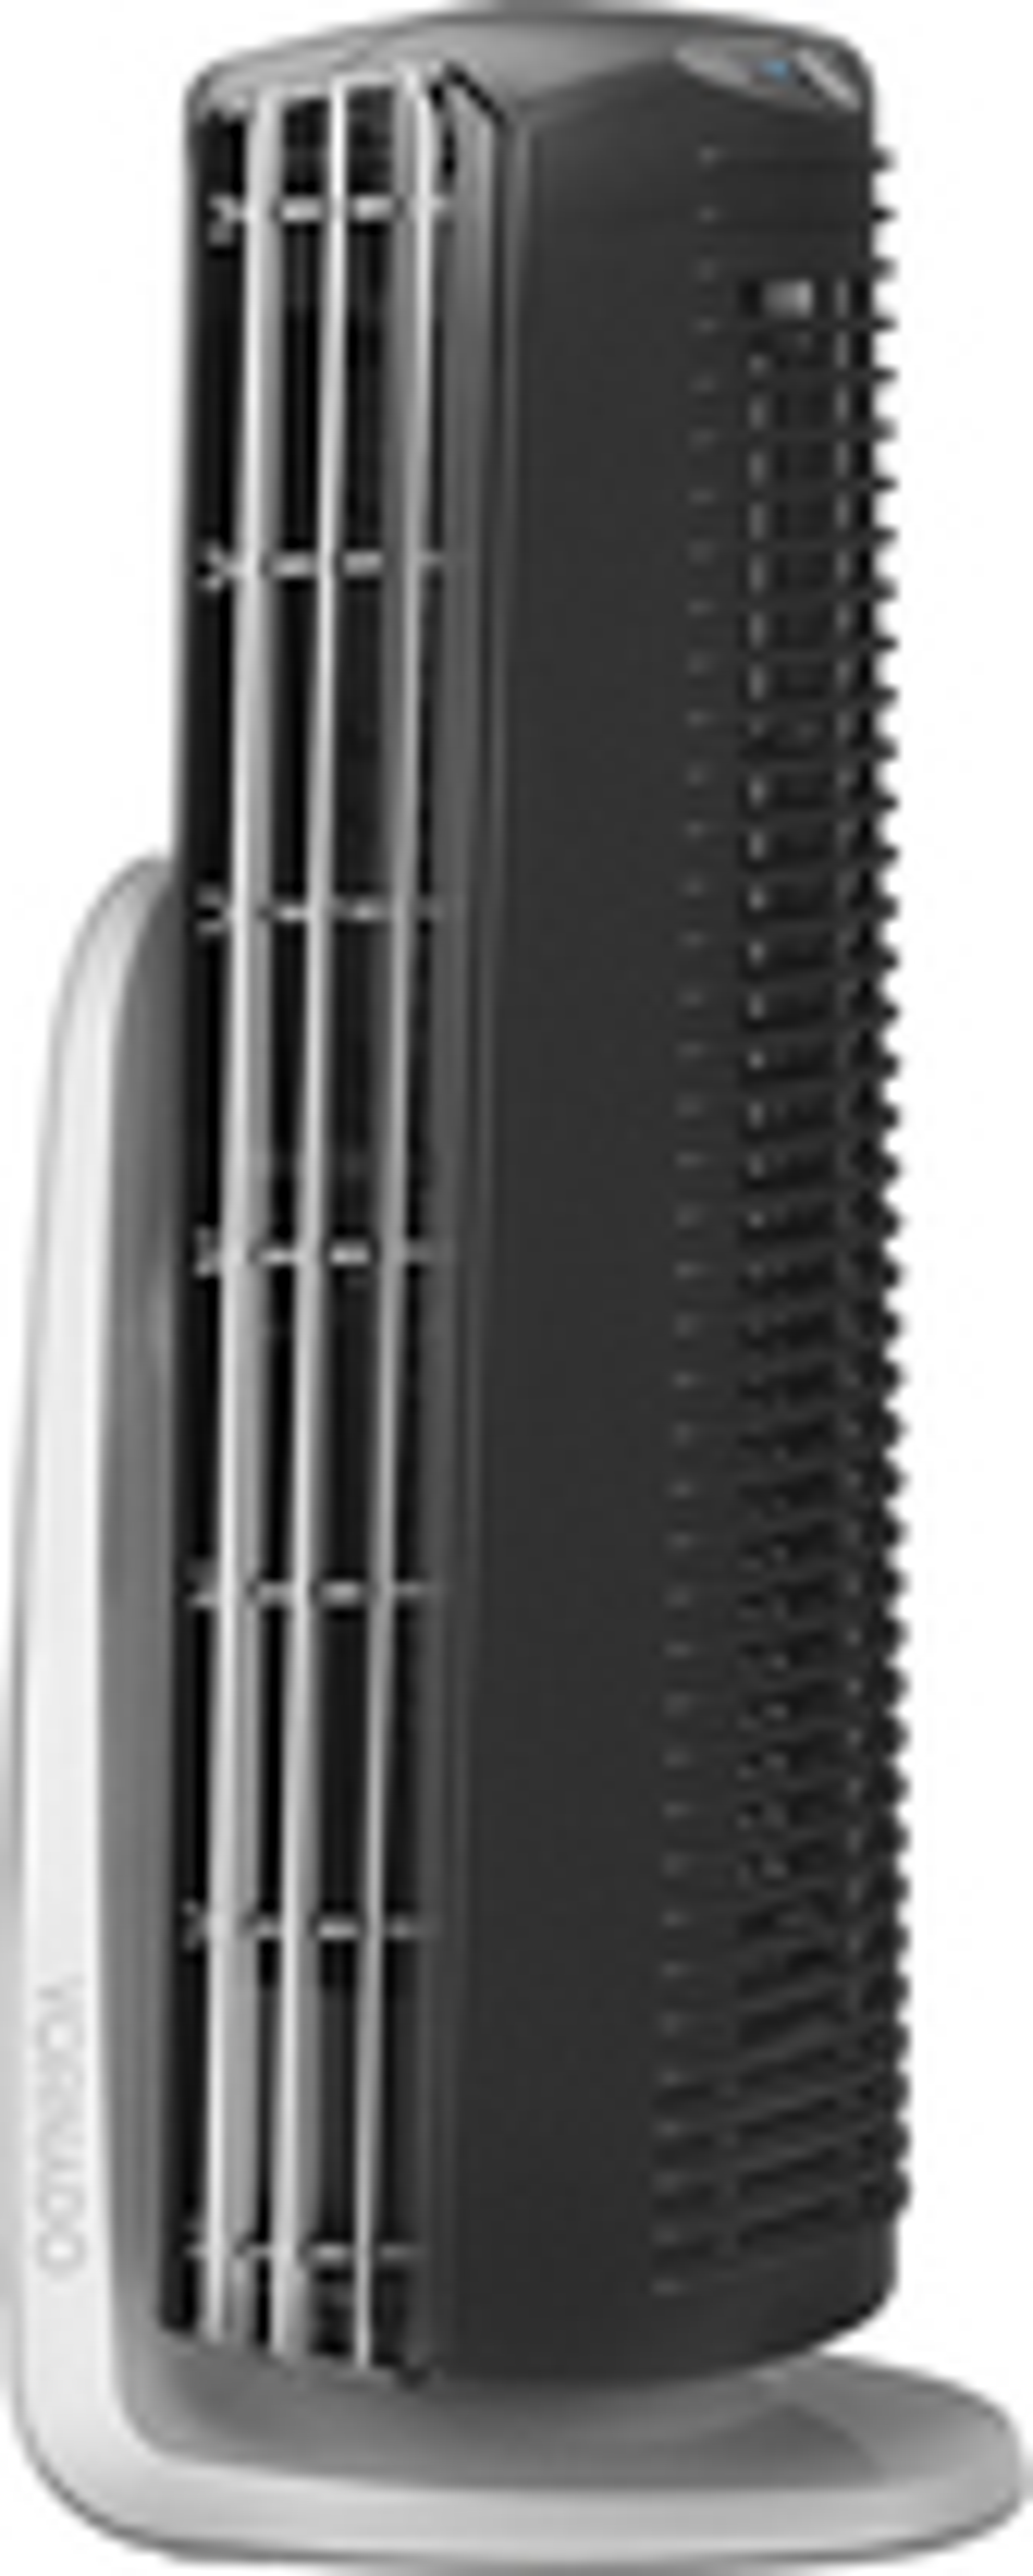 Vornado - Duo Tower Circulator Fan - Black